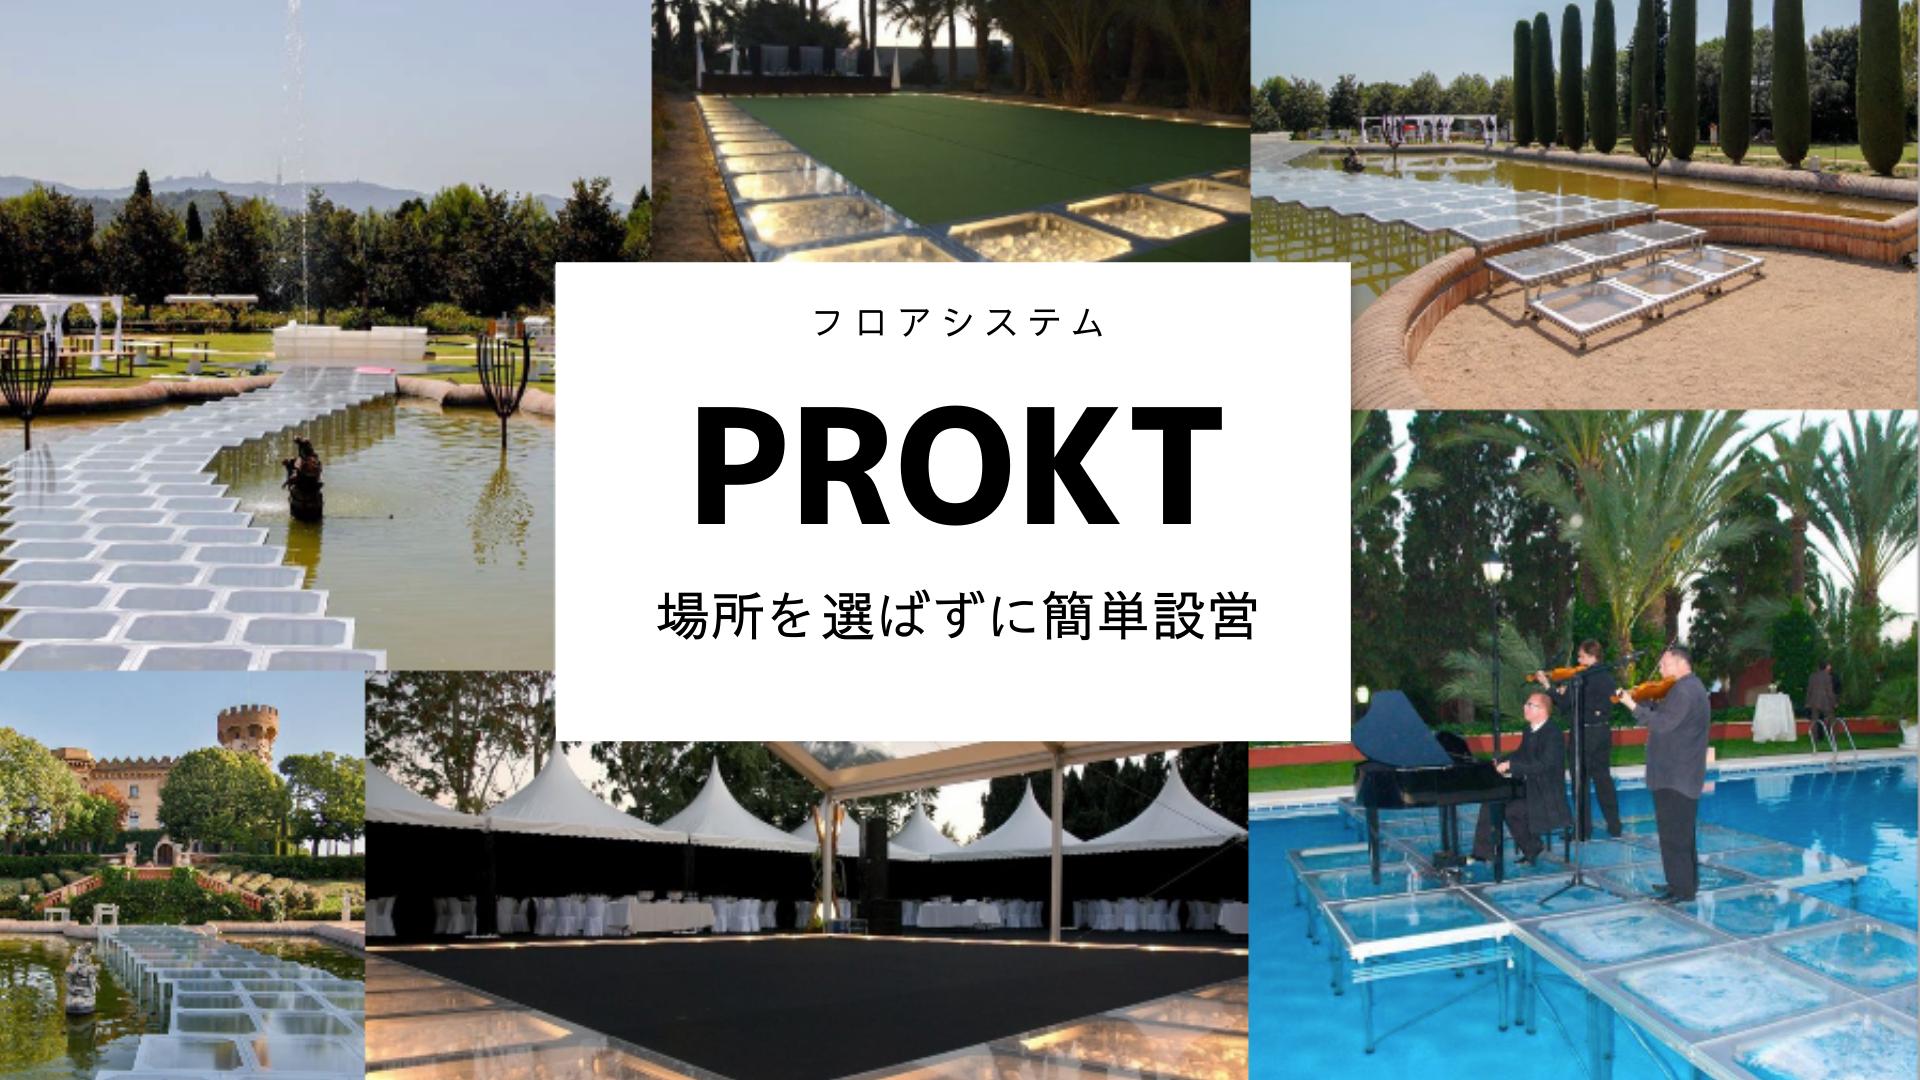 屋外イベント・イベントステージには、フロアシステム「PROKT(プロクト)」がおすすめ。